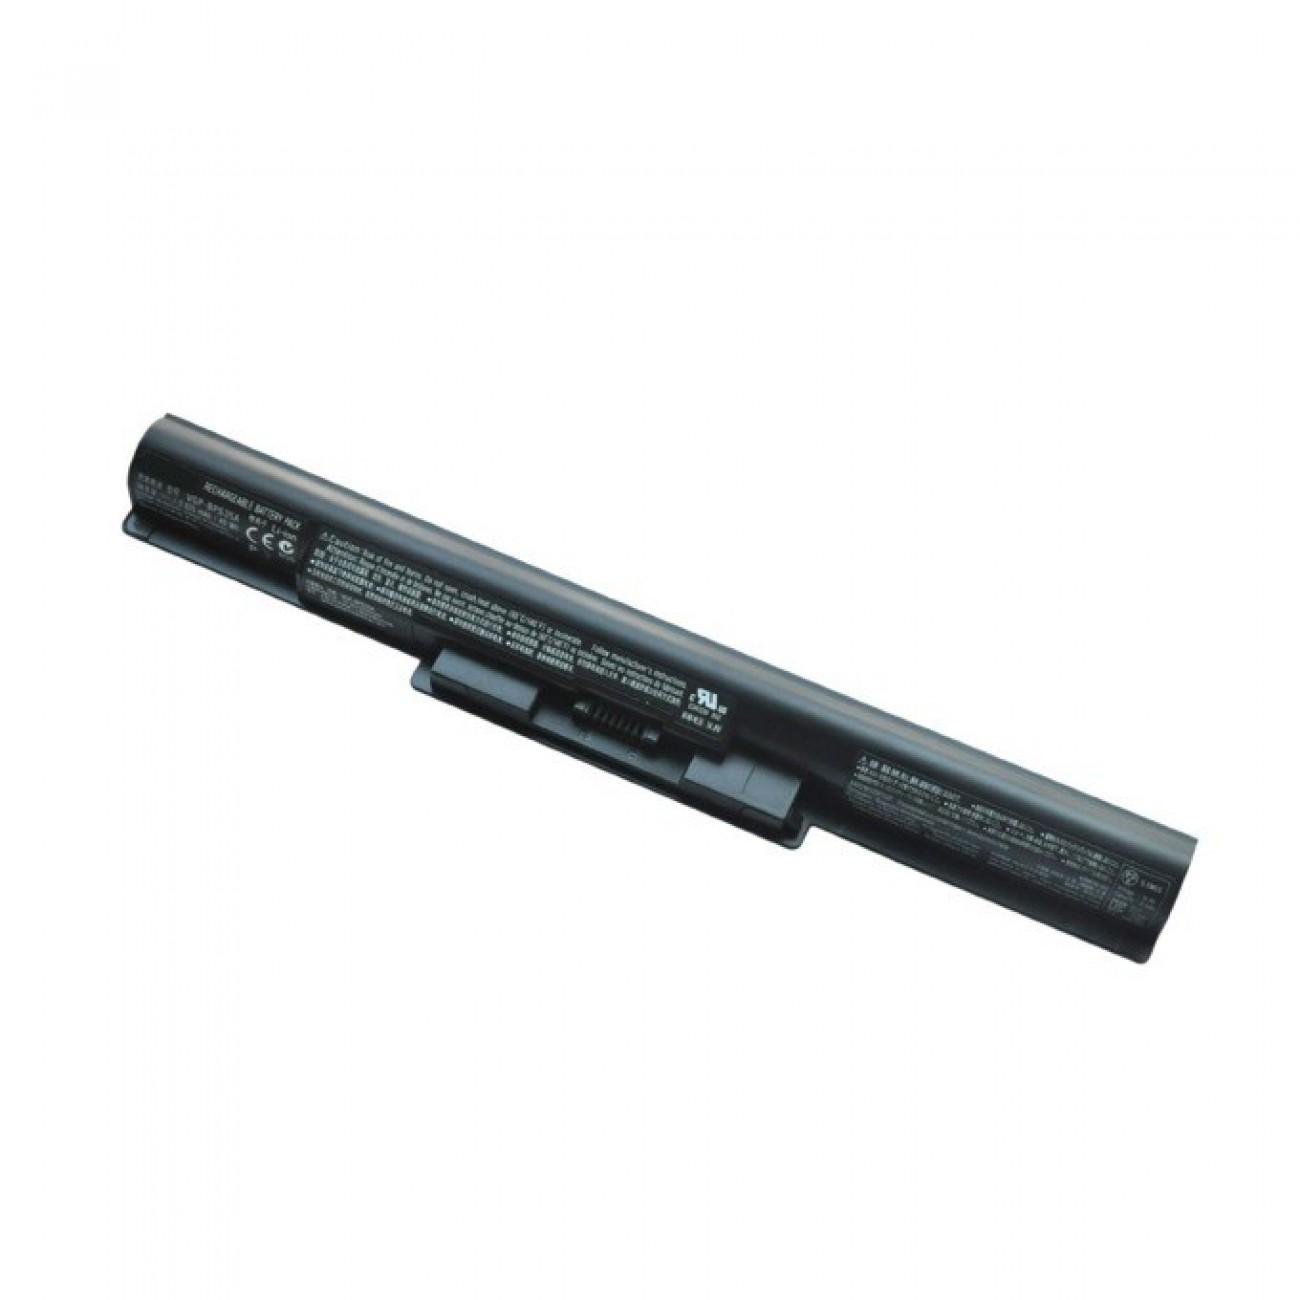 Батерия (заместител) SONY съвместима с VAIO SVF14 SVF15 Fit 14E Fit 15E VGP-BPS35A, 14.8V, 2200mAh, Li-ion в Батерии за Лаптоп -  | Alleop